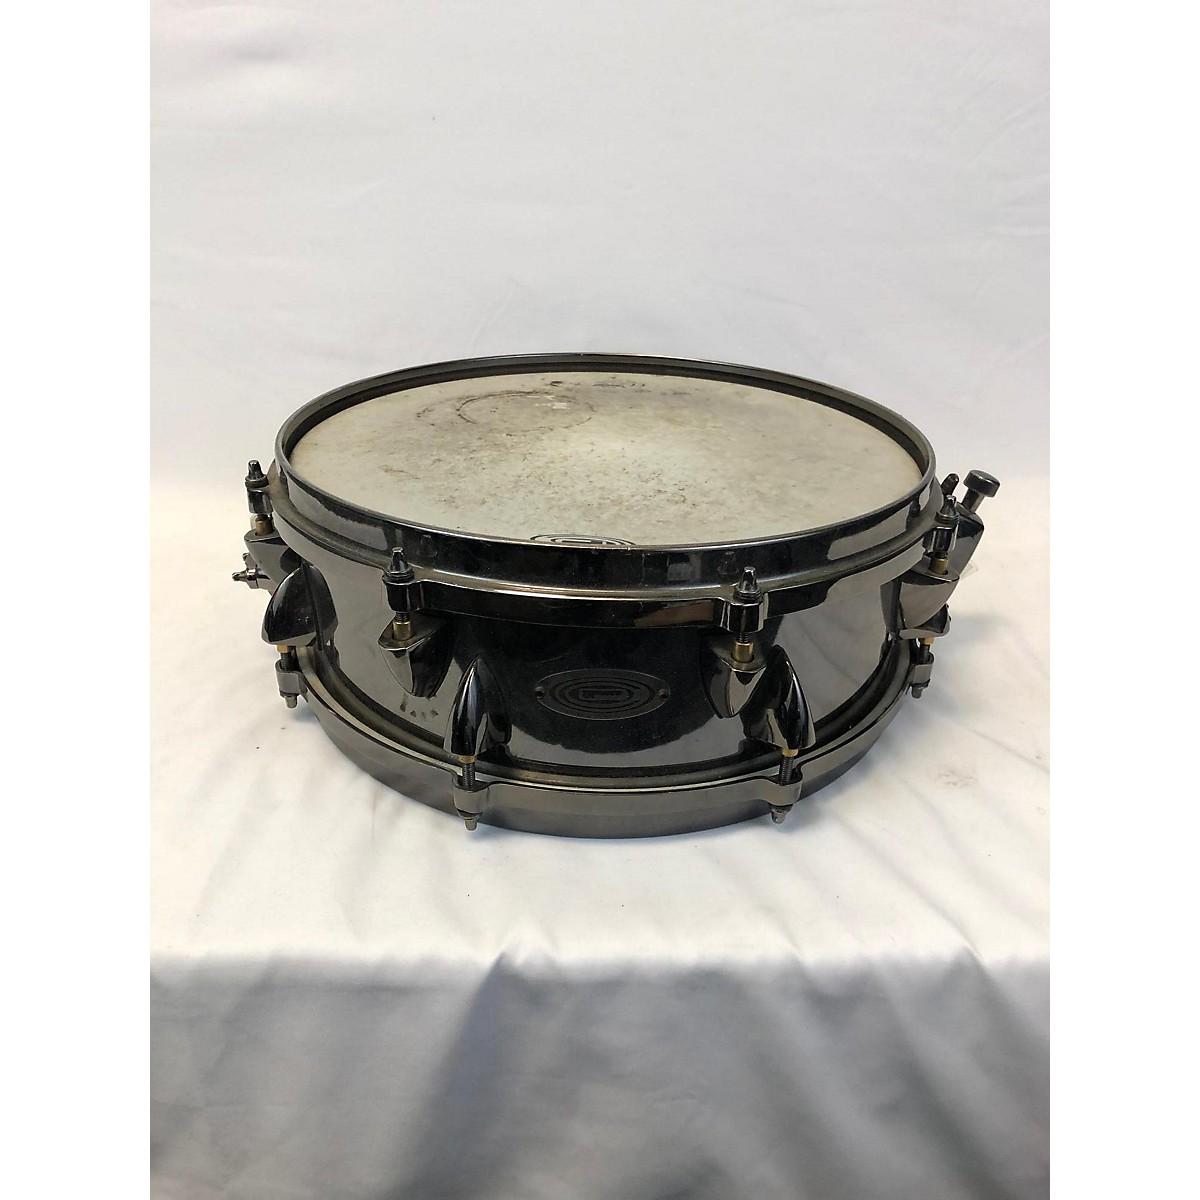 Orange County Drum & Percussion 5X14 Black Steel Drum